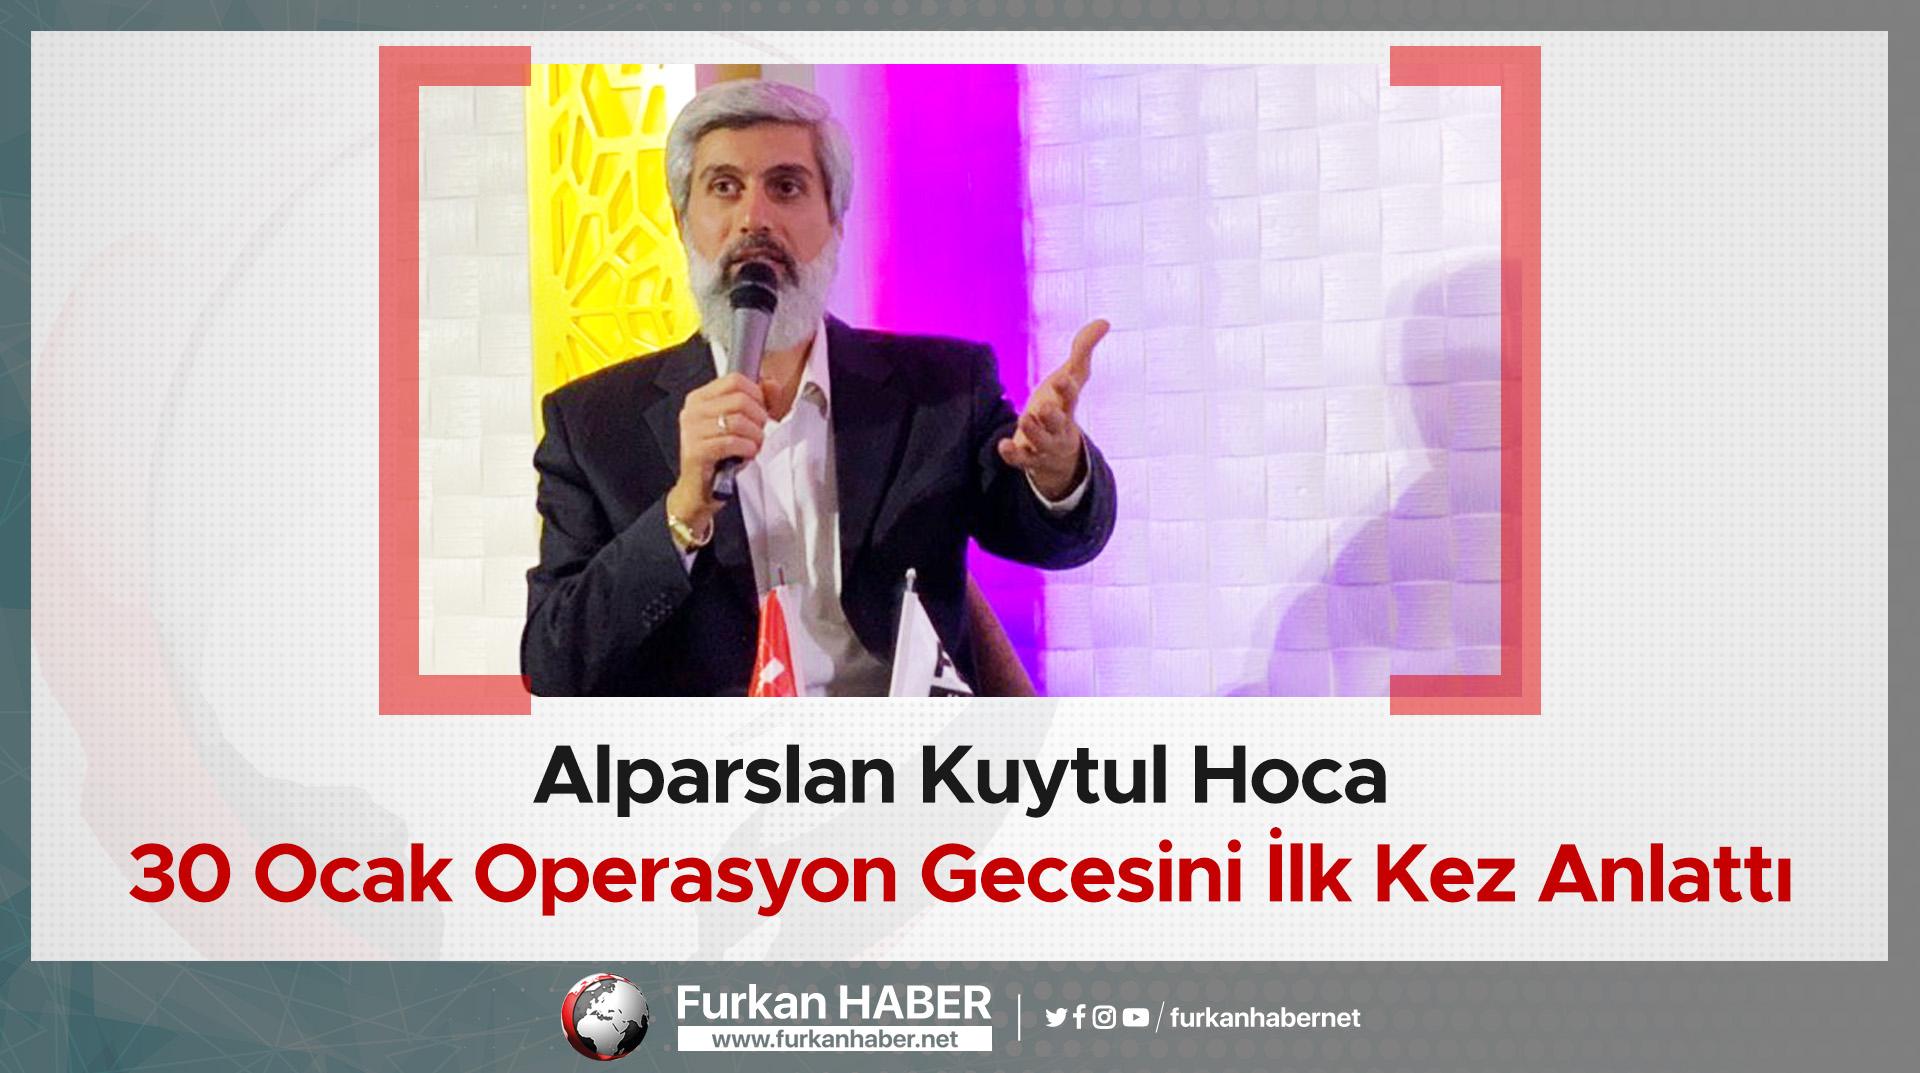 Alparslan Hoca 30 Ocak Operasyon Gecesini İlk Kez Anlattı